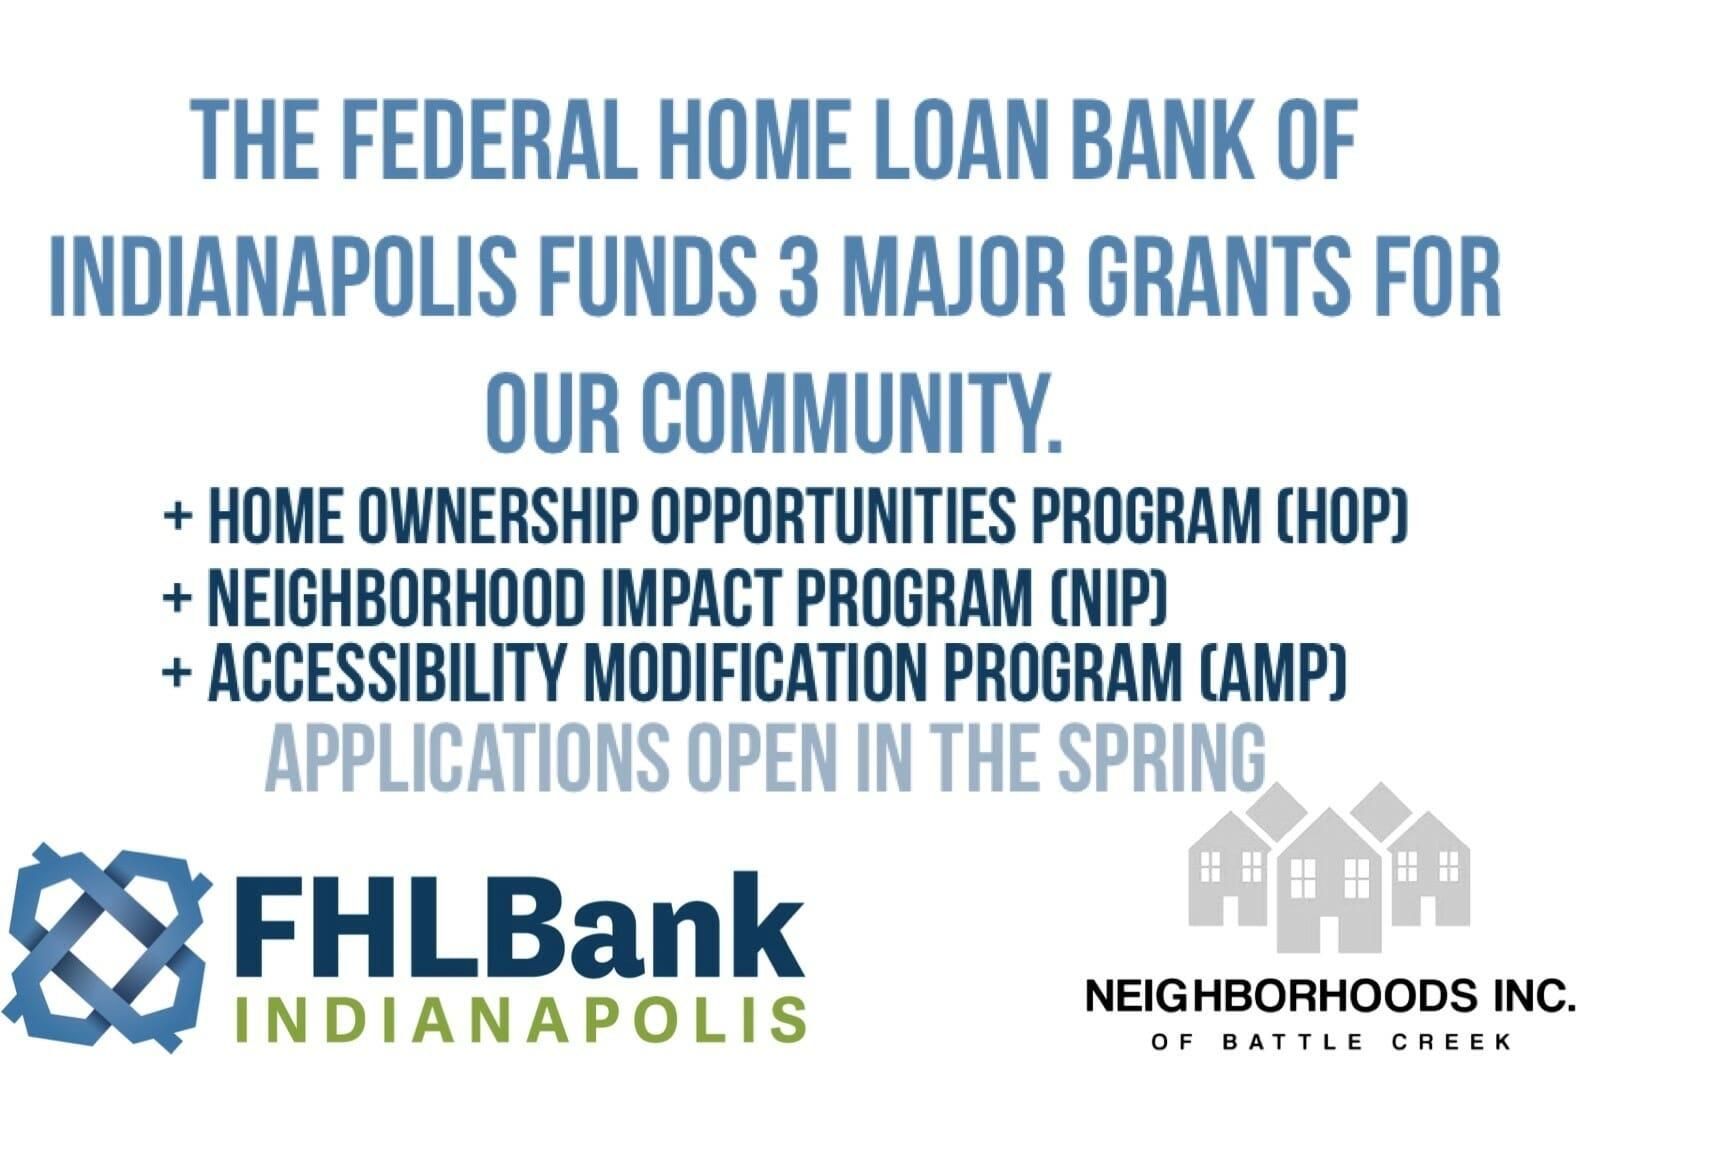 FHLBI Grant Info